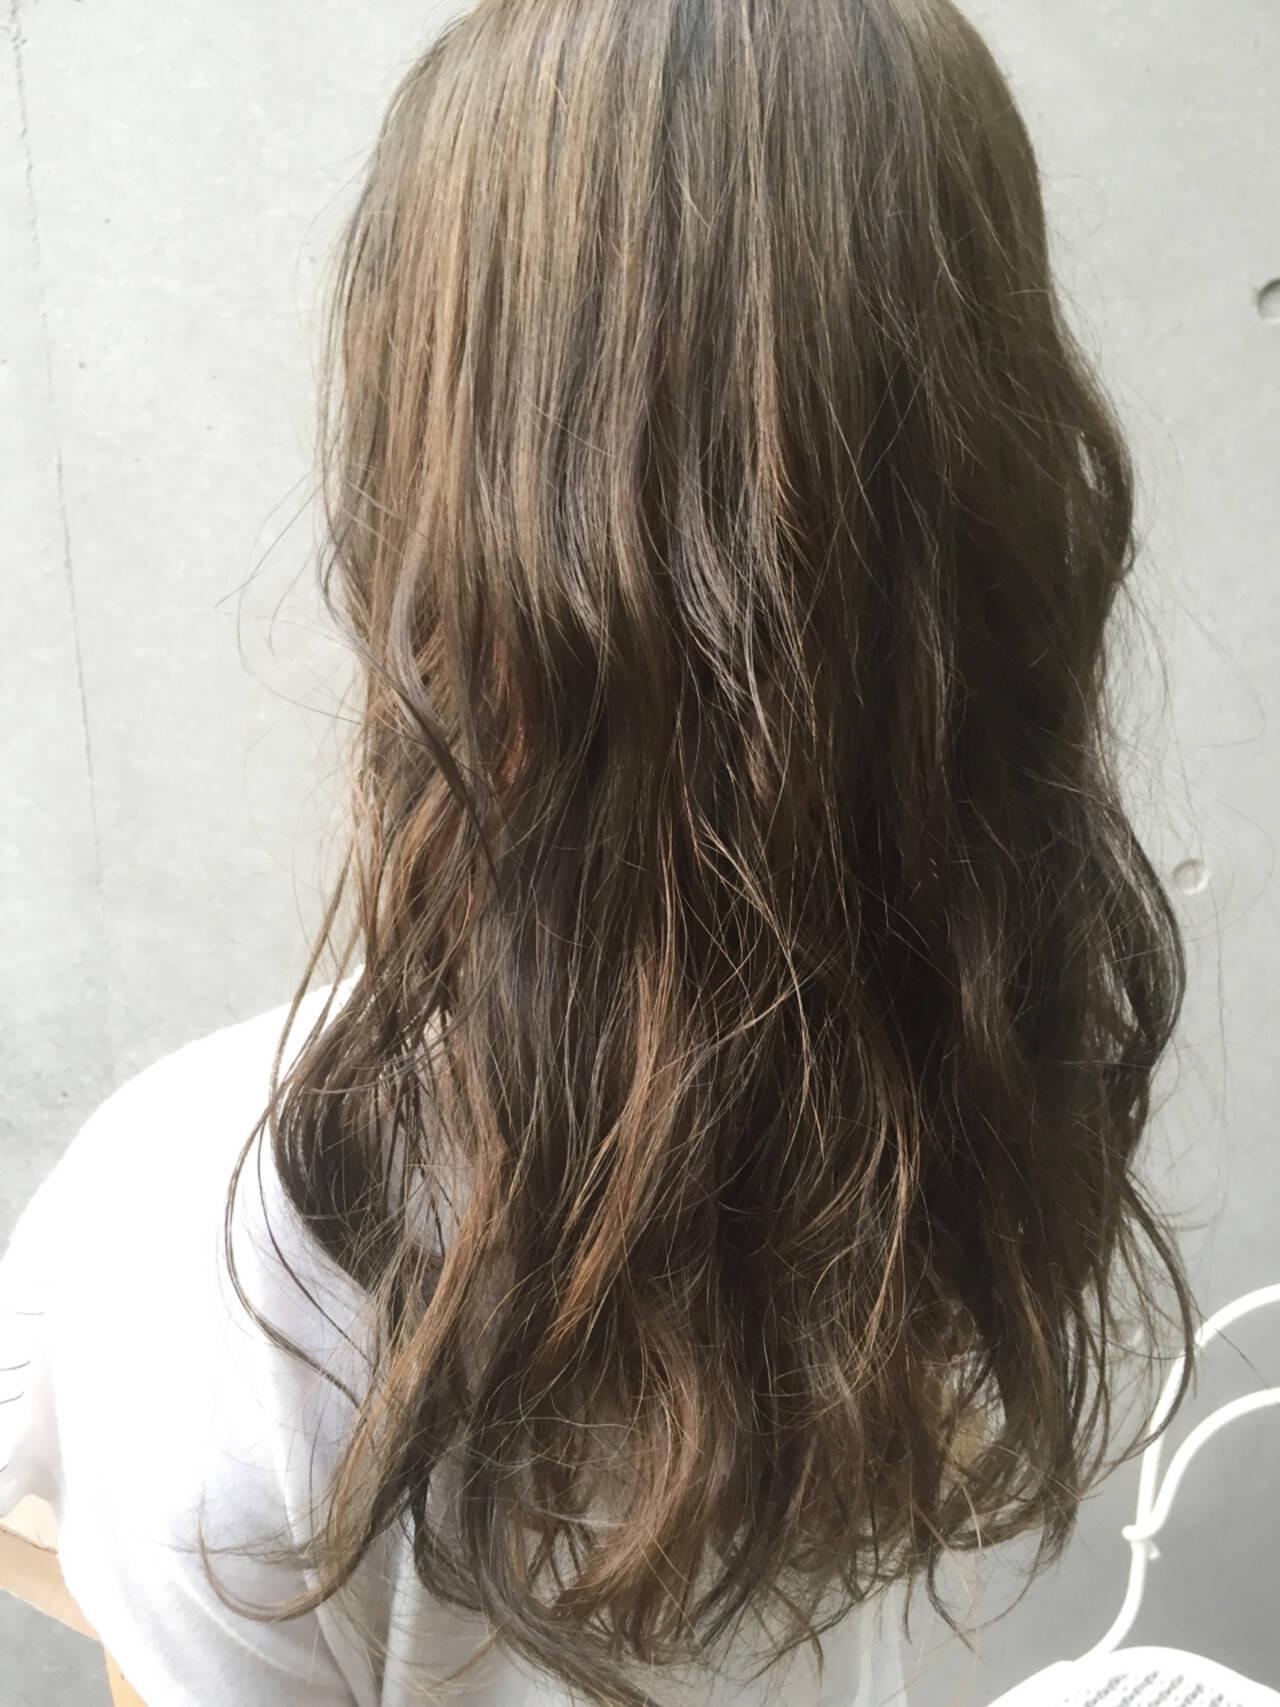 ハイライト ロング ストリート パーマヘアスタイルや髪型の写真・画像